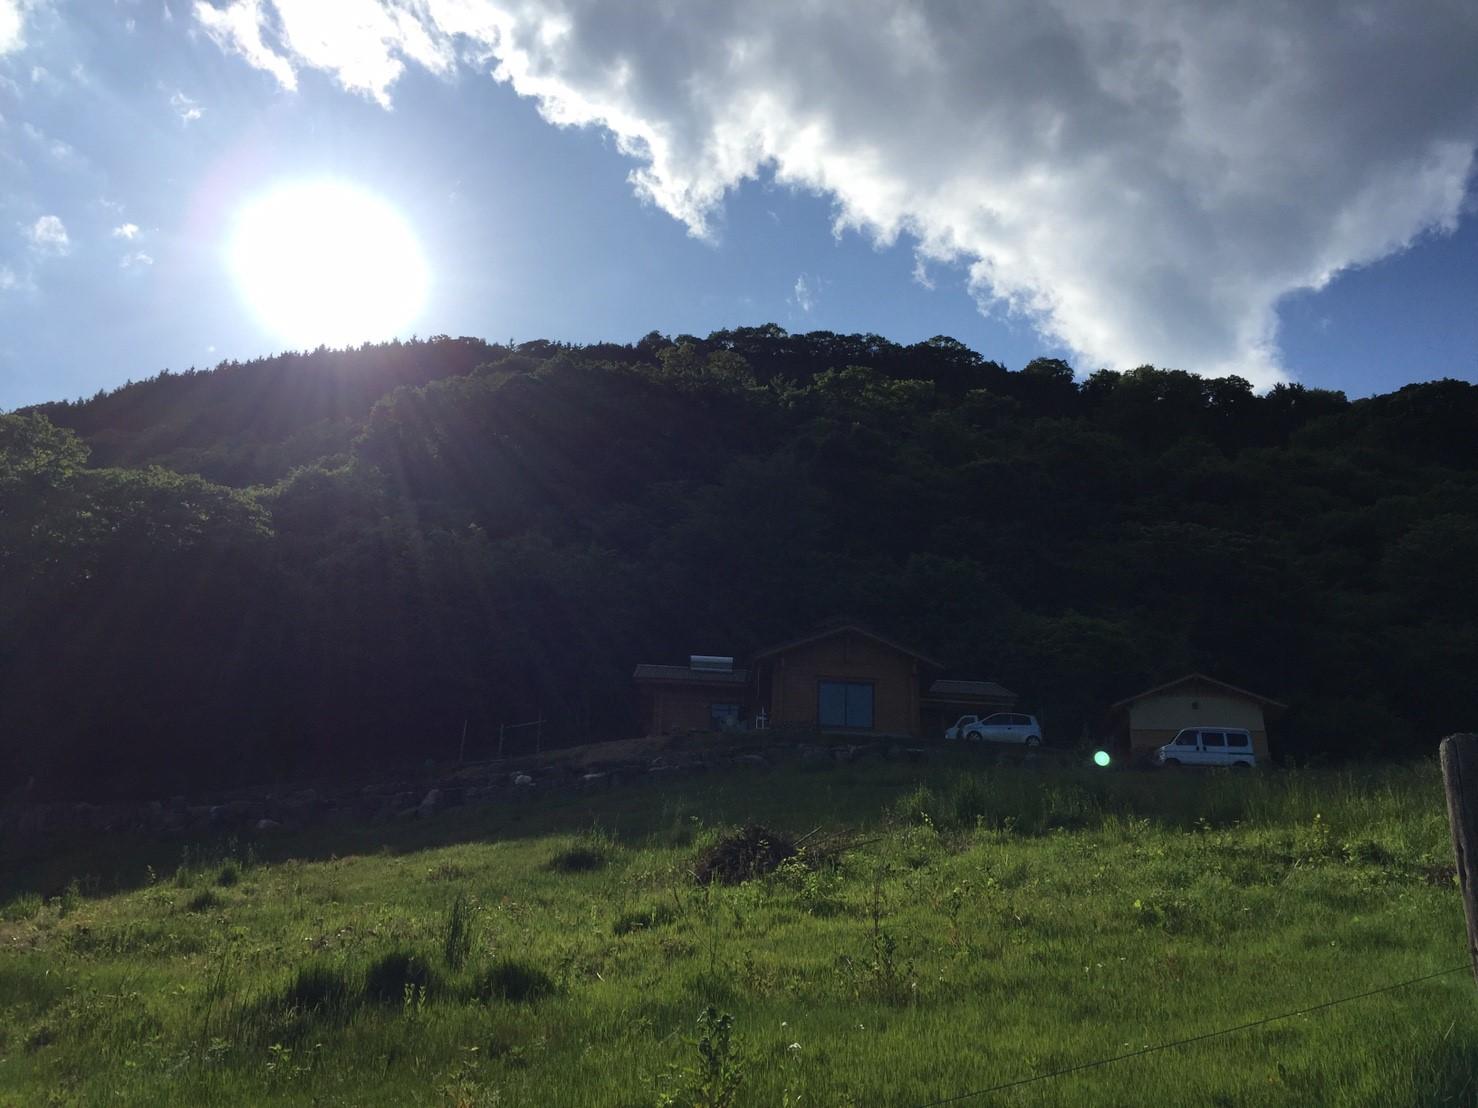 4673ac467c13f6d72904c57df008fea1 - DASHA村の様なプロジェクト(群馬県神流町農場)